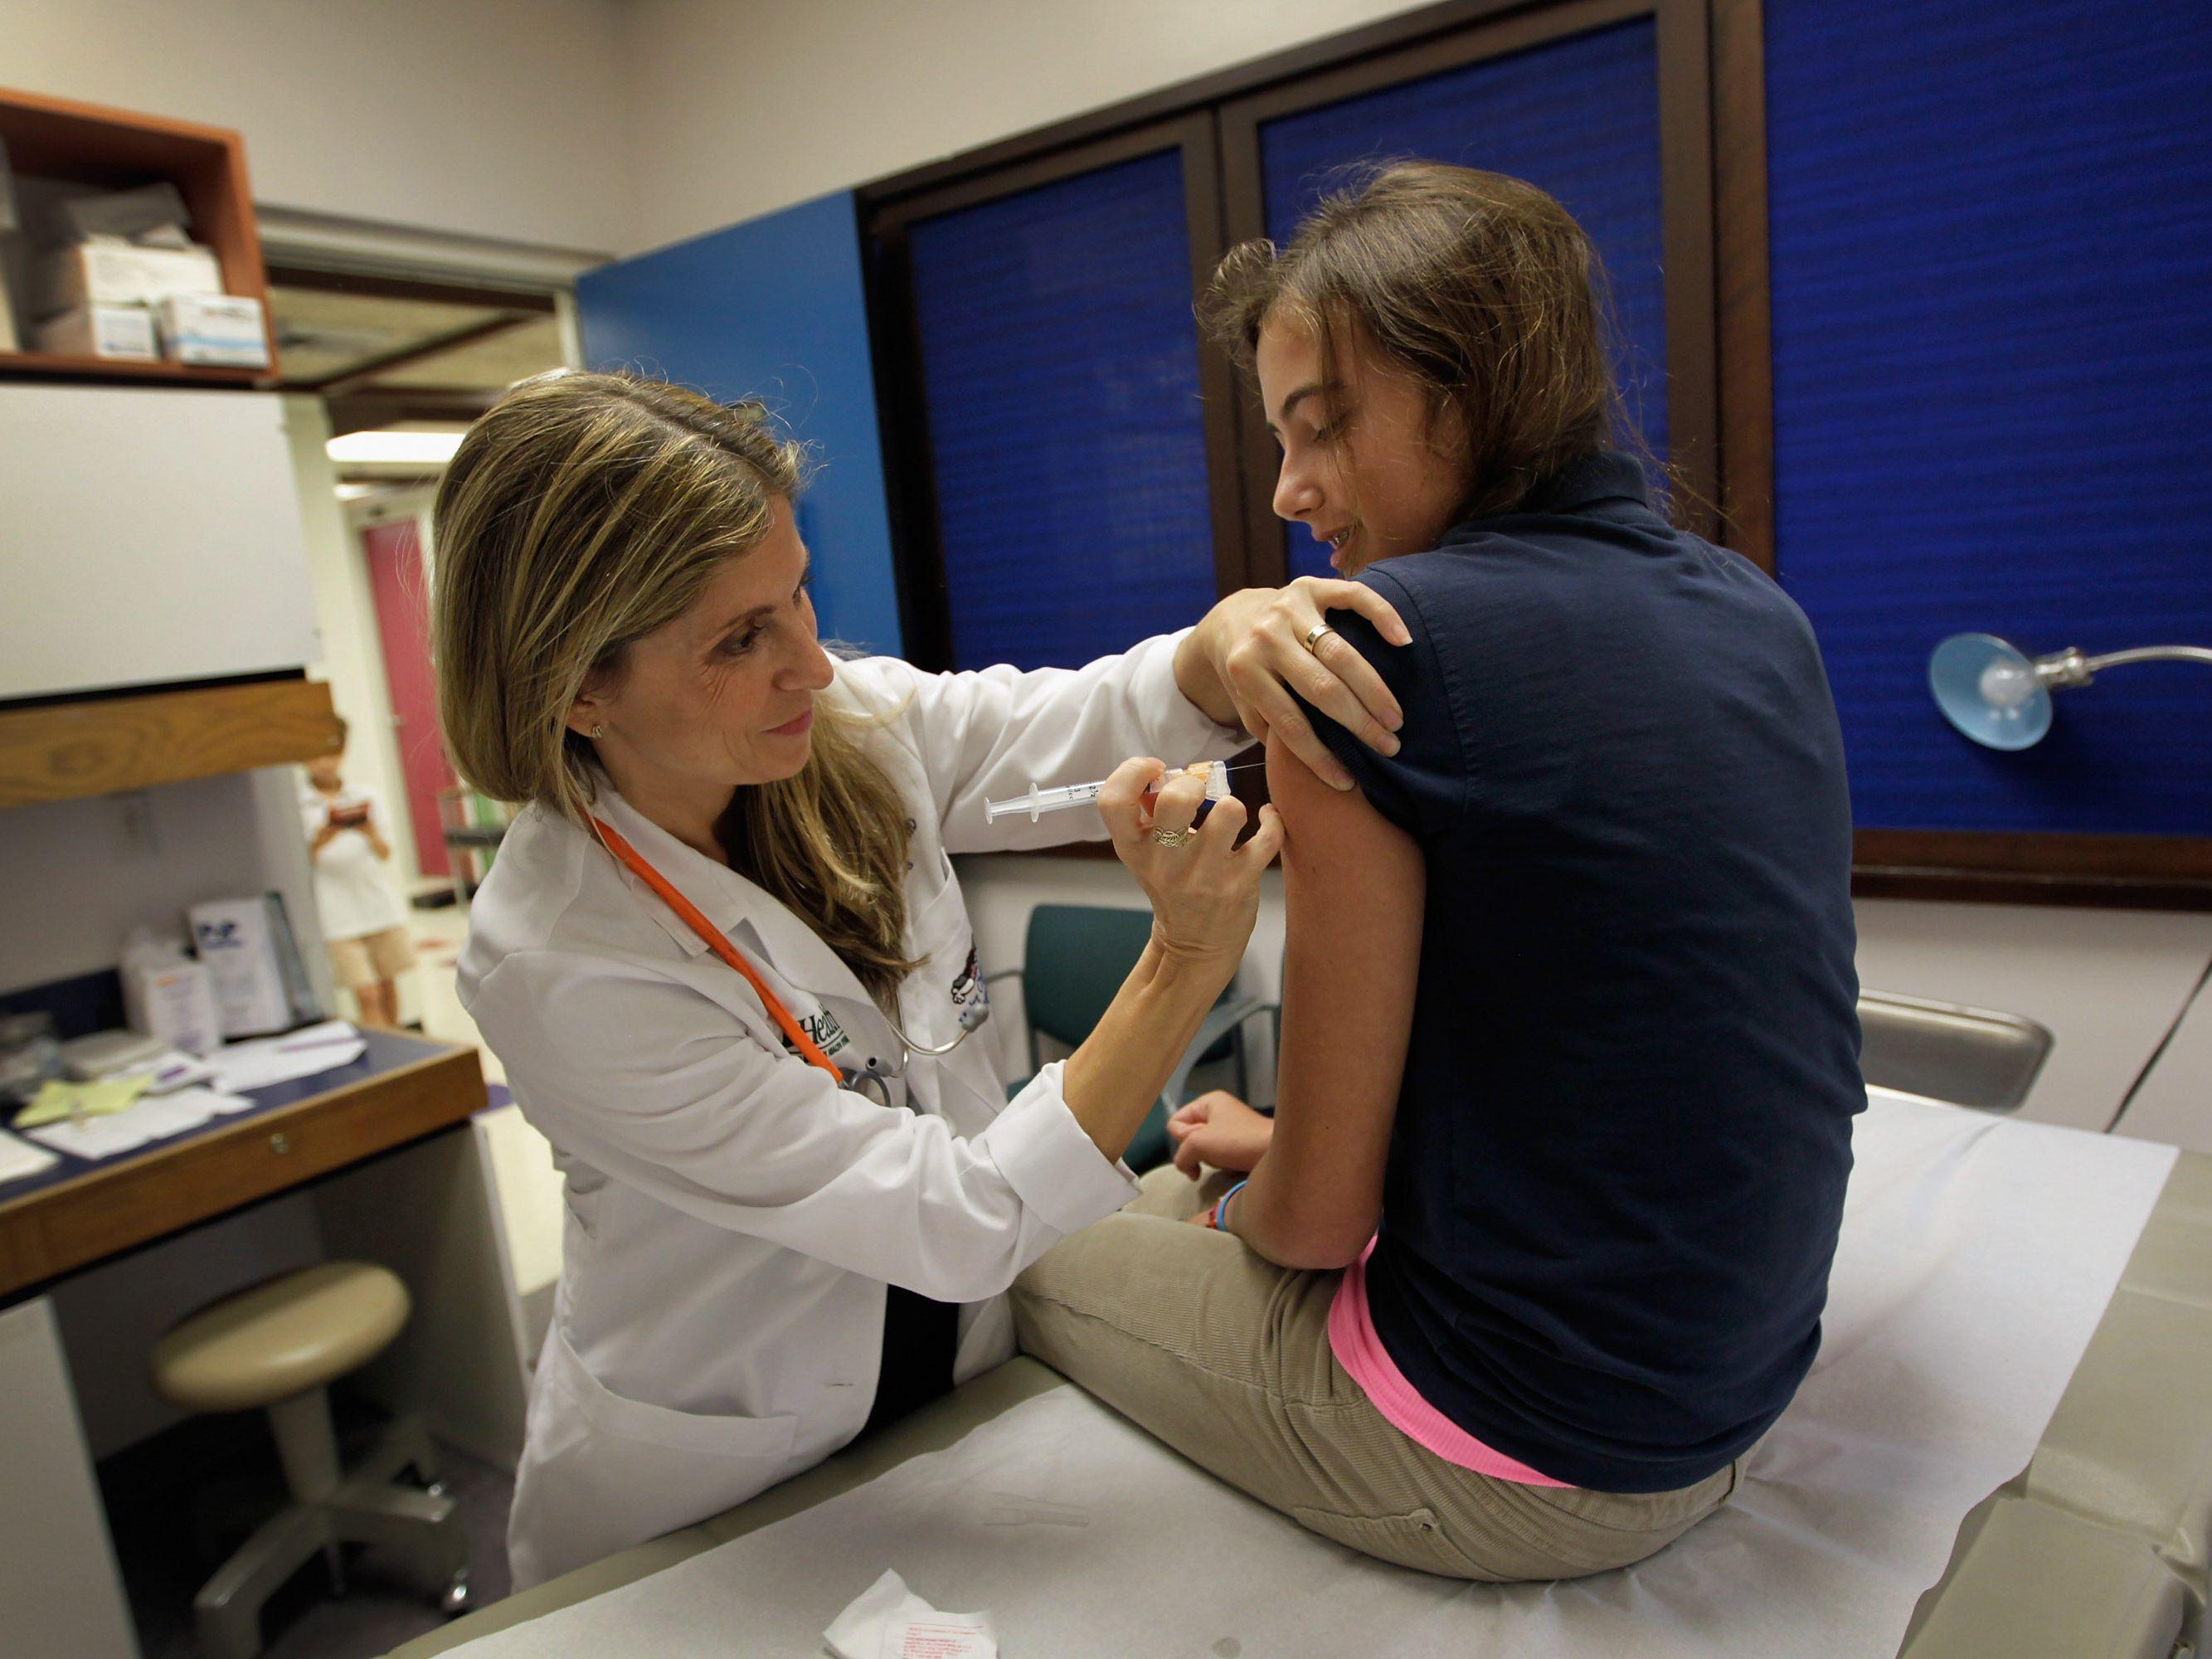 gardasil vaccine older than 26